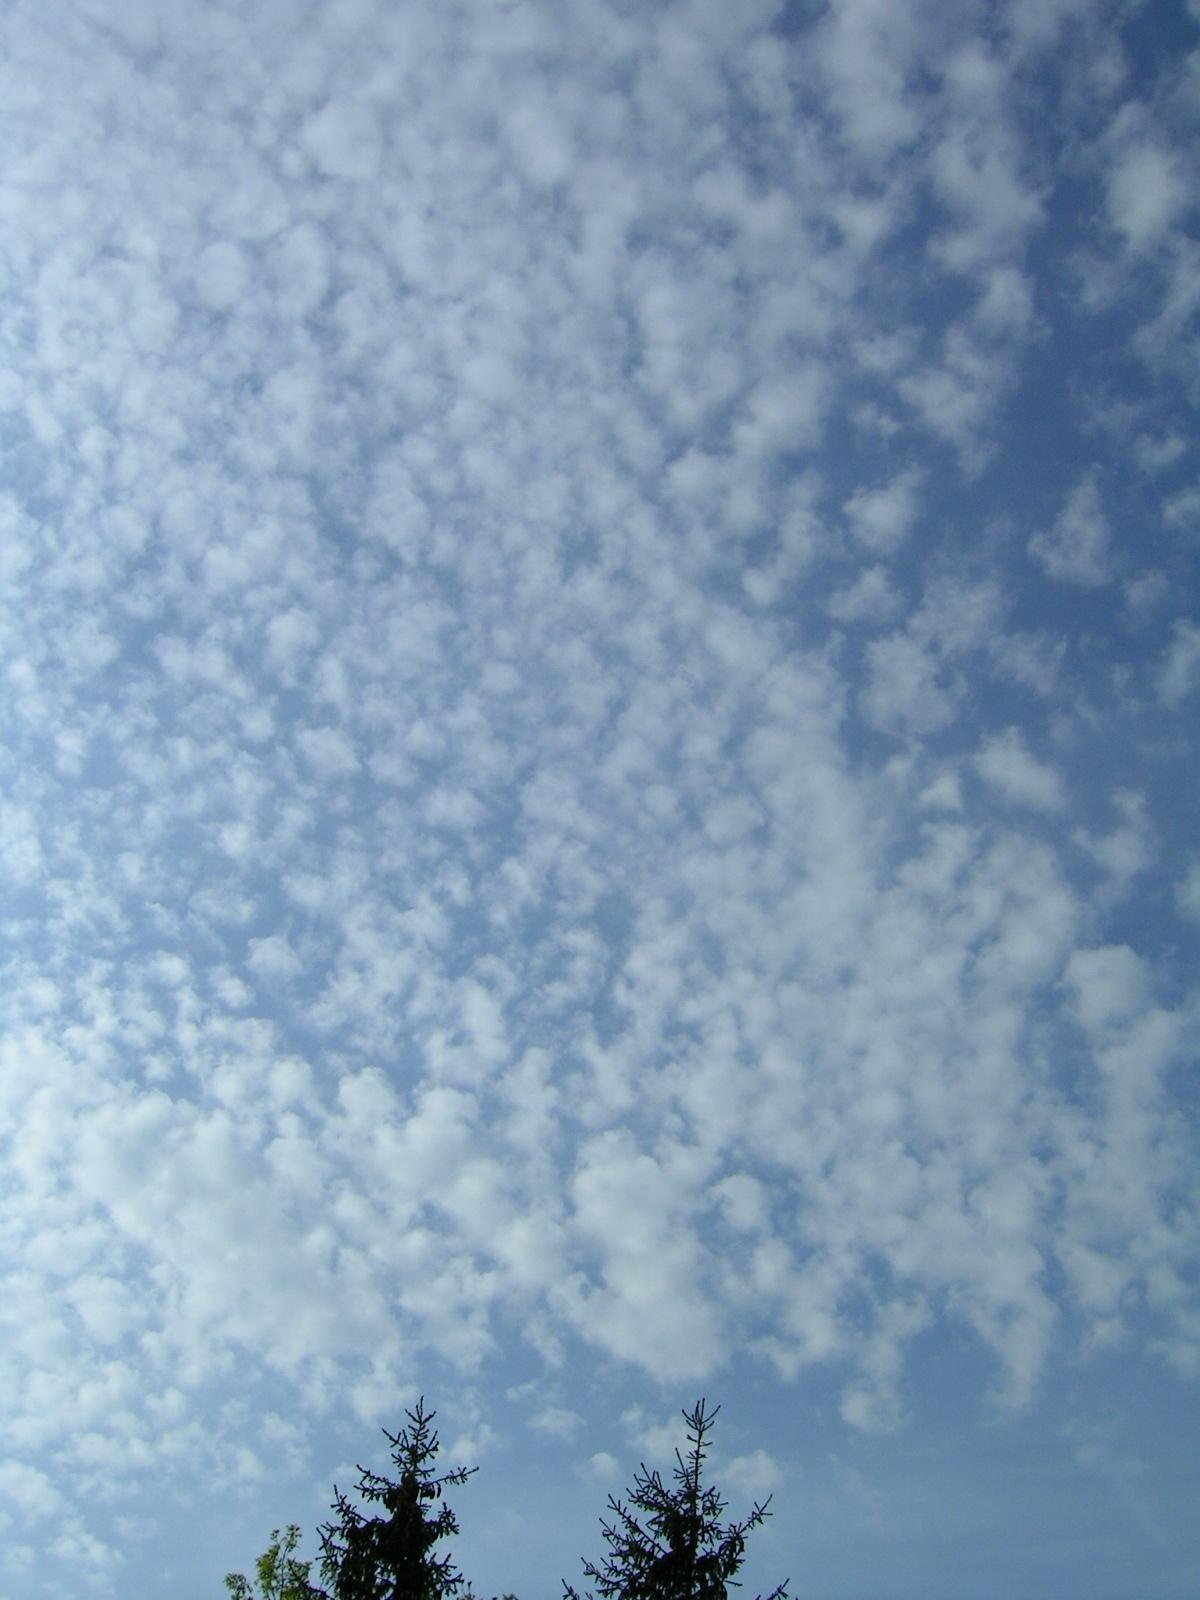 Cirrocumulus cloud - Wikipedia